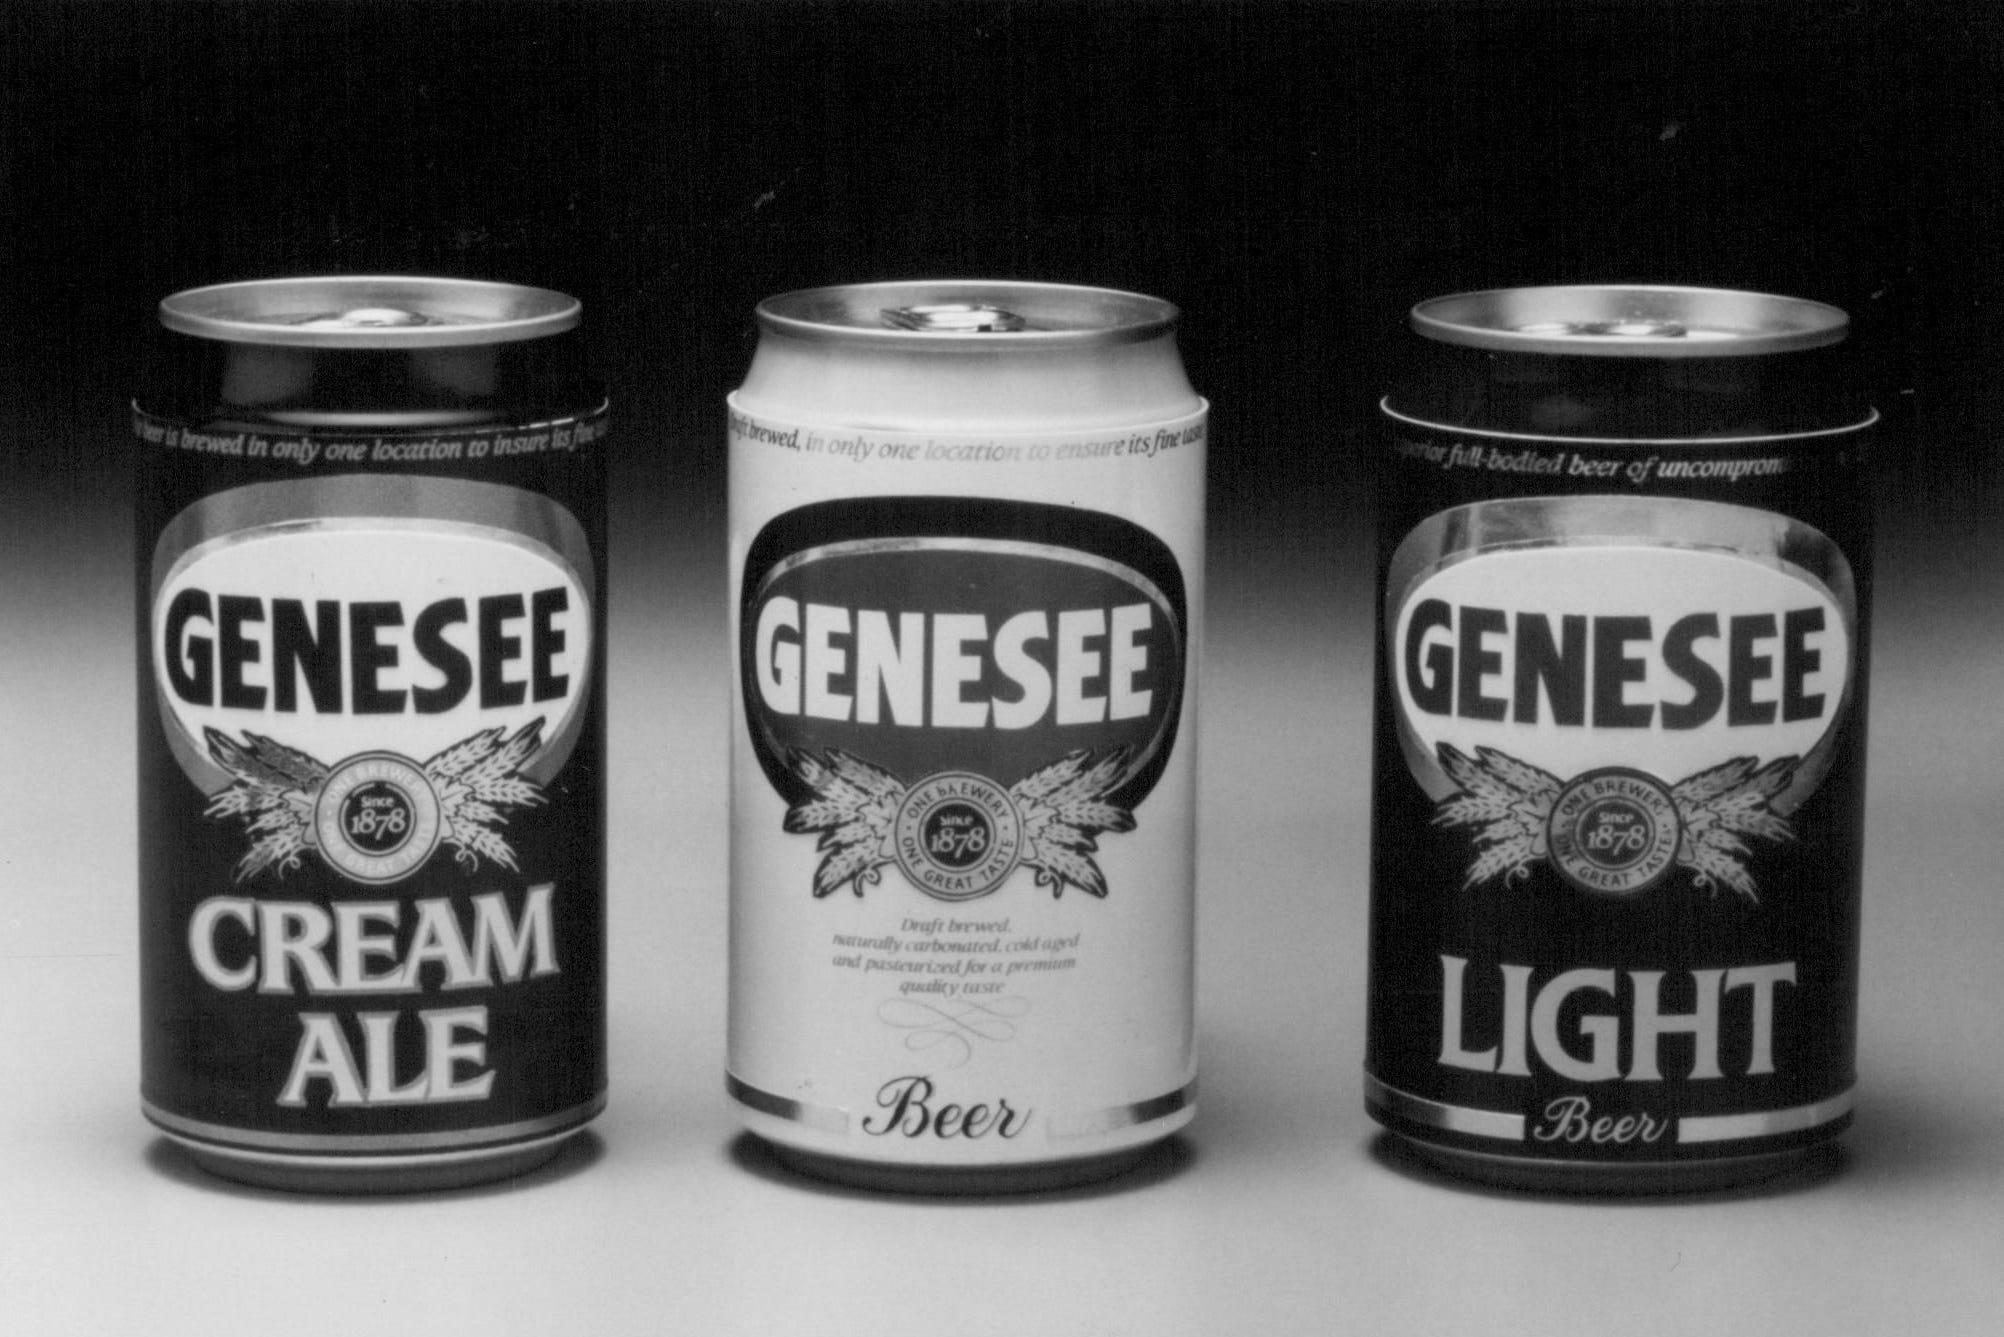 Genesee's three flagship beers: Genesee Beer, Cream Ale, and Light.